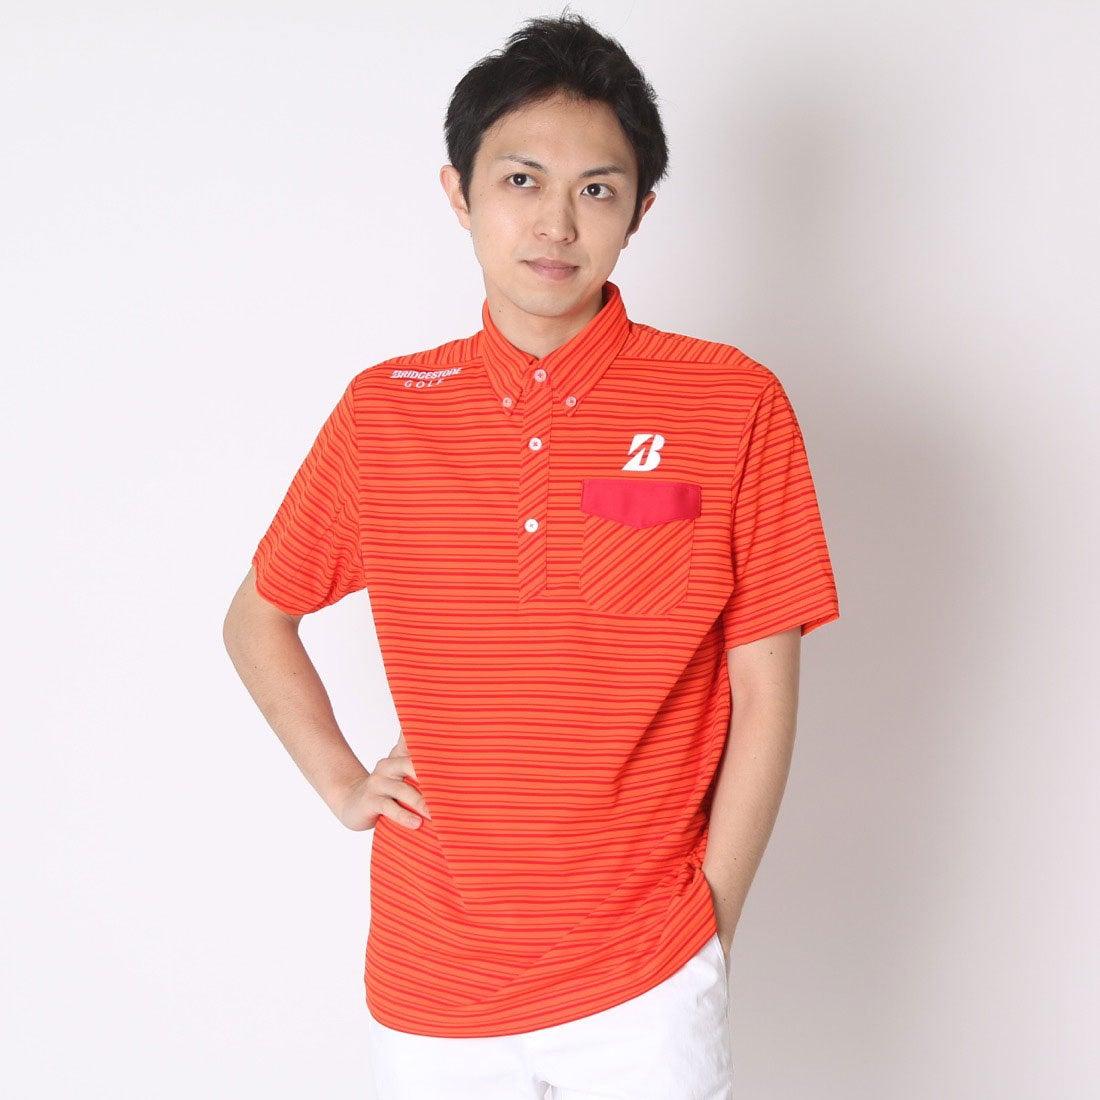 【SALE 69%OFF】【アウトレット】ブリヂストン ゴルフ BRIDGESTONE GOLF ゴルフシャツ 16SS BGメンズハンシャツ DGM19A (オレンジ) メンズ